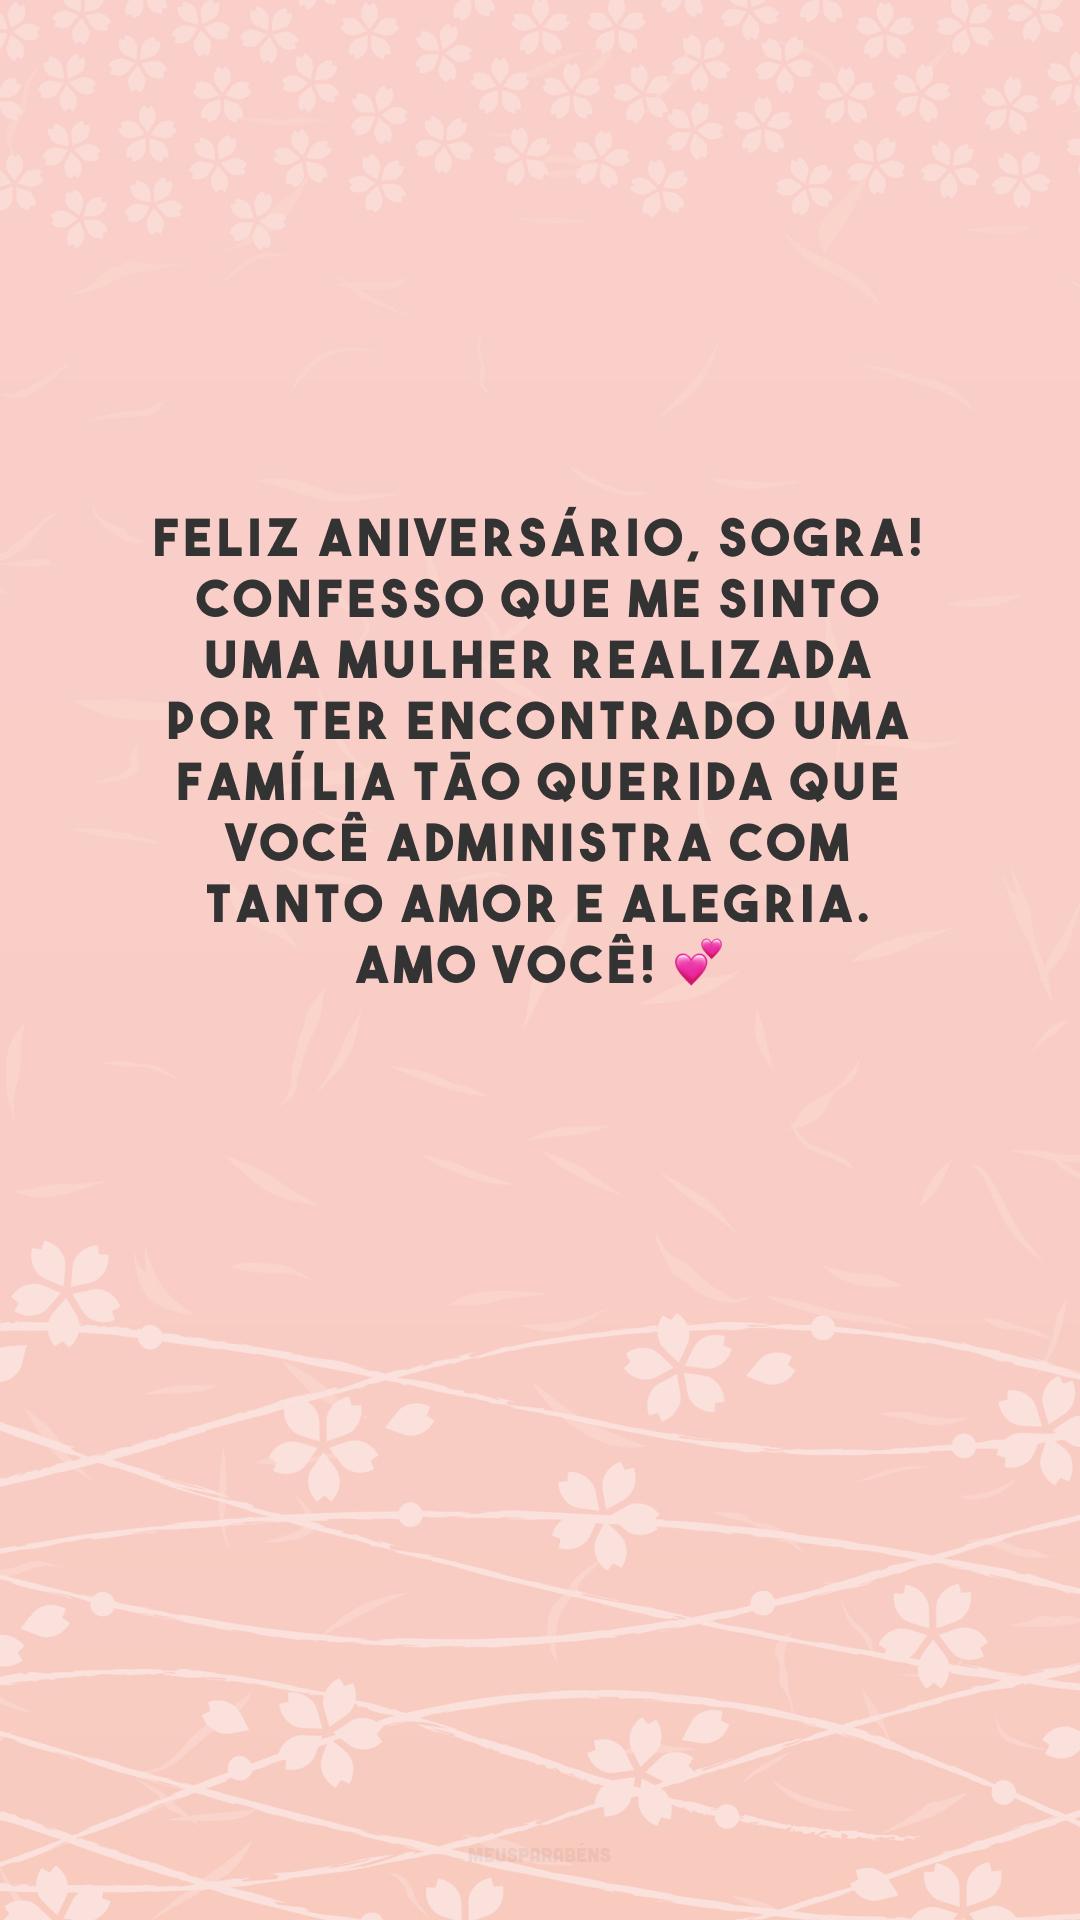 Feliz aniversário, sogra! Confesso que me sinto uma mulher realizada por ter encontrado uma família tão querida que você administra com tanto amor e alegria. Amo você! 💕